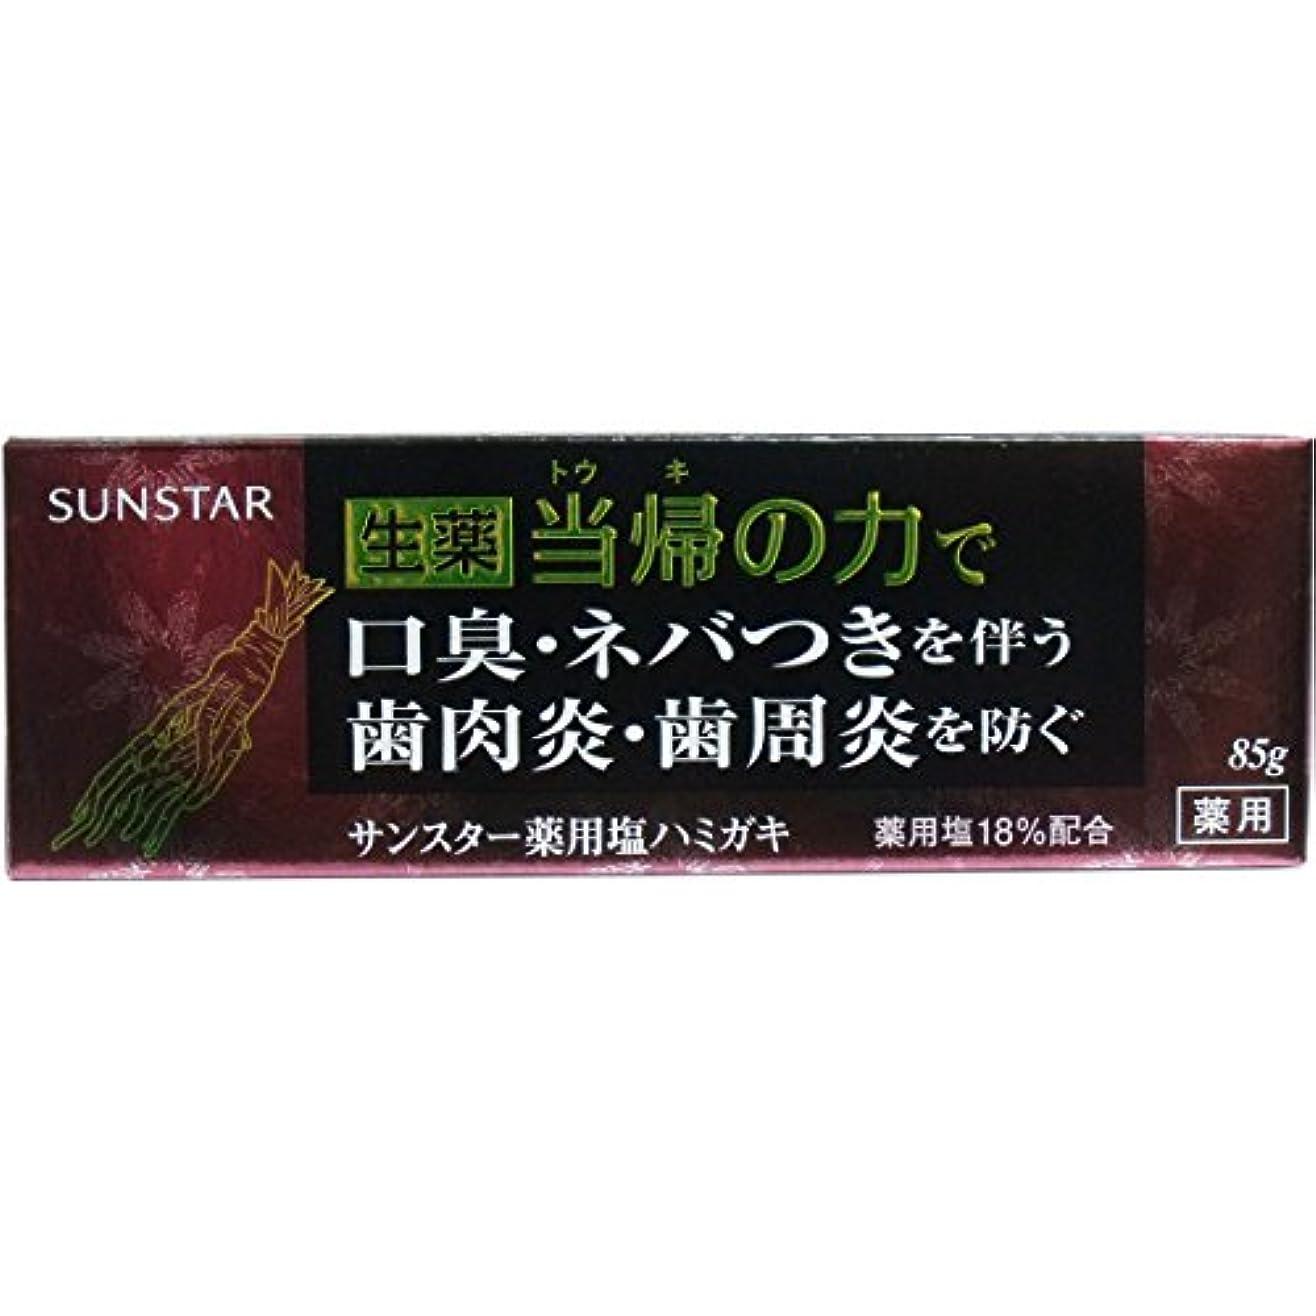 十二数一般的に【まとめ買い】サンスター 薬用 ハミガキ 生薬 当帰の力 85g ×2セット